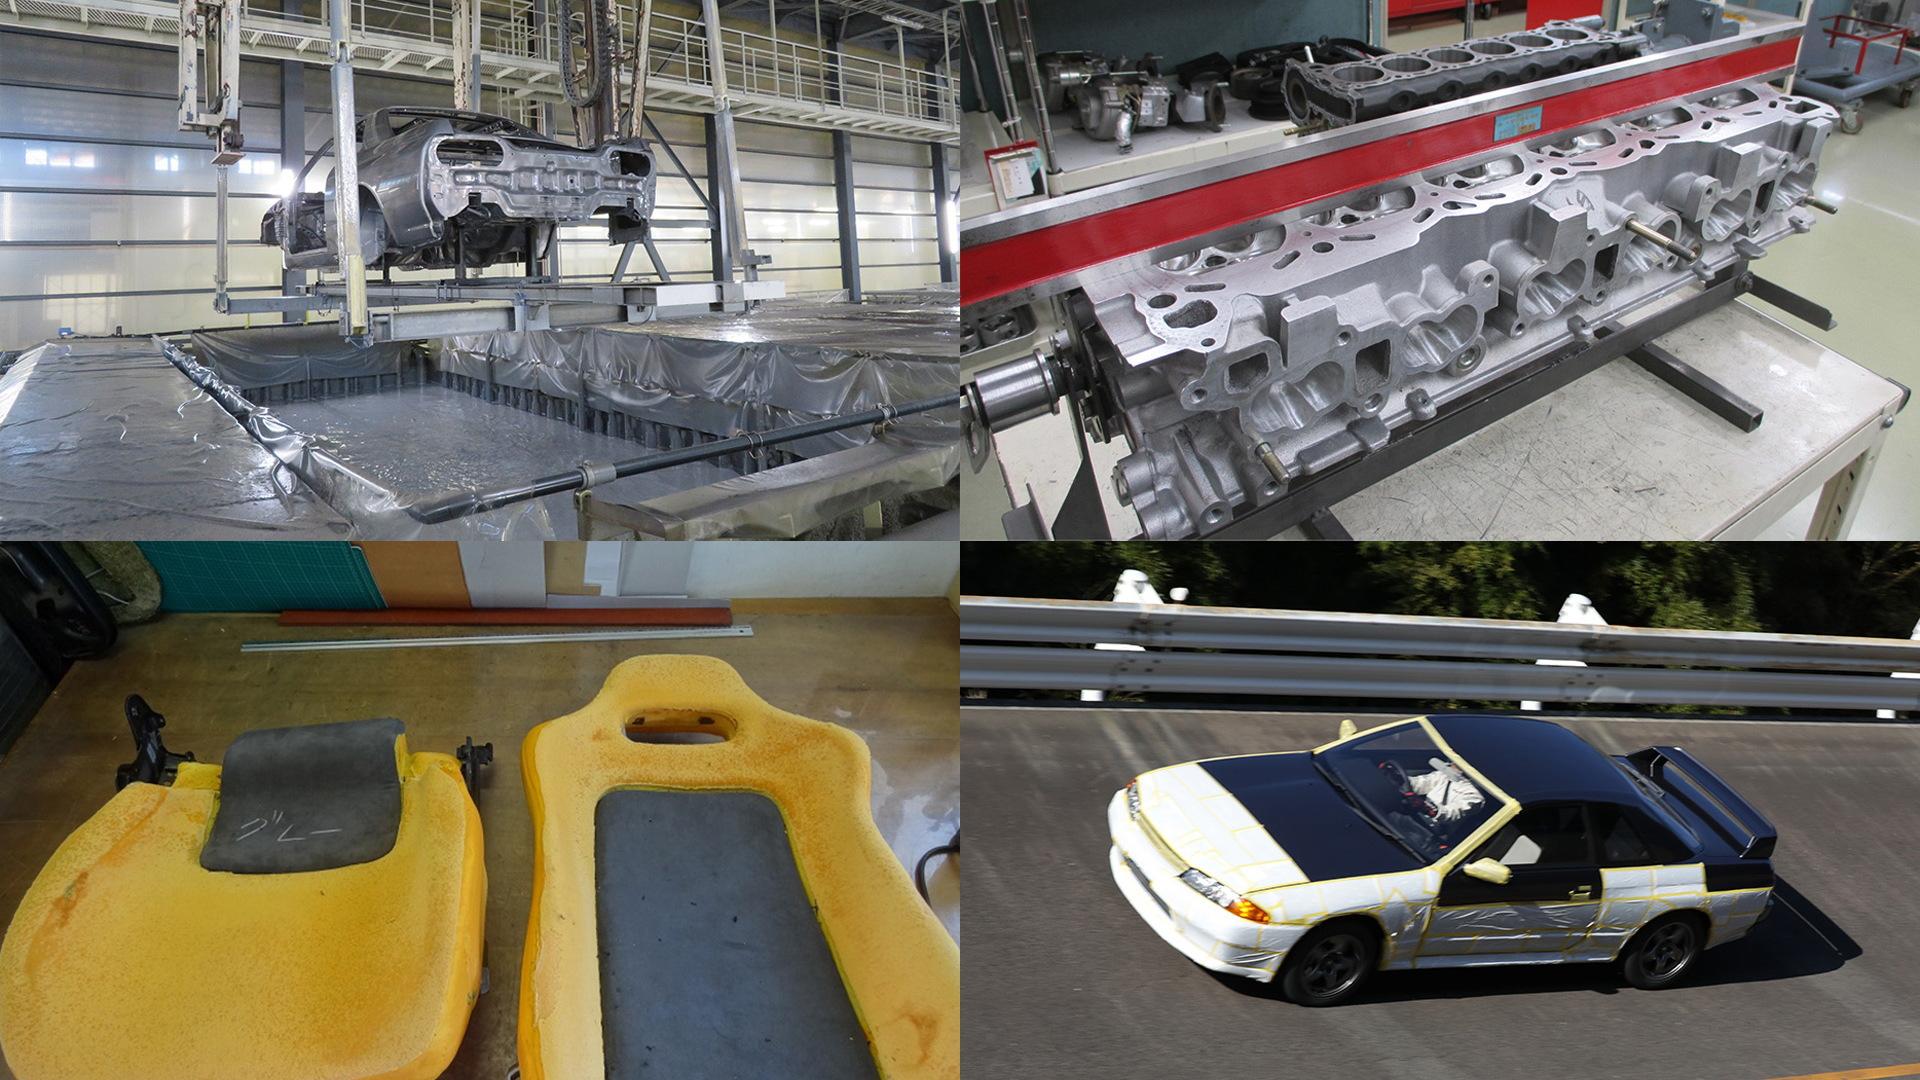 R32 Nissan Skyline GT-R undergoing Nismo restoration